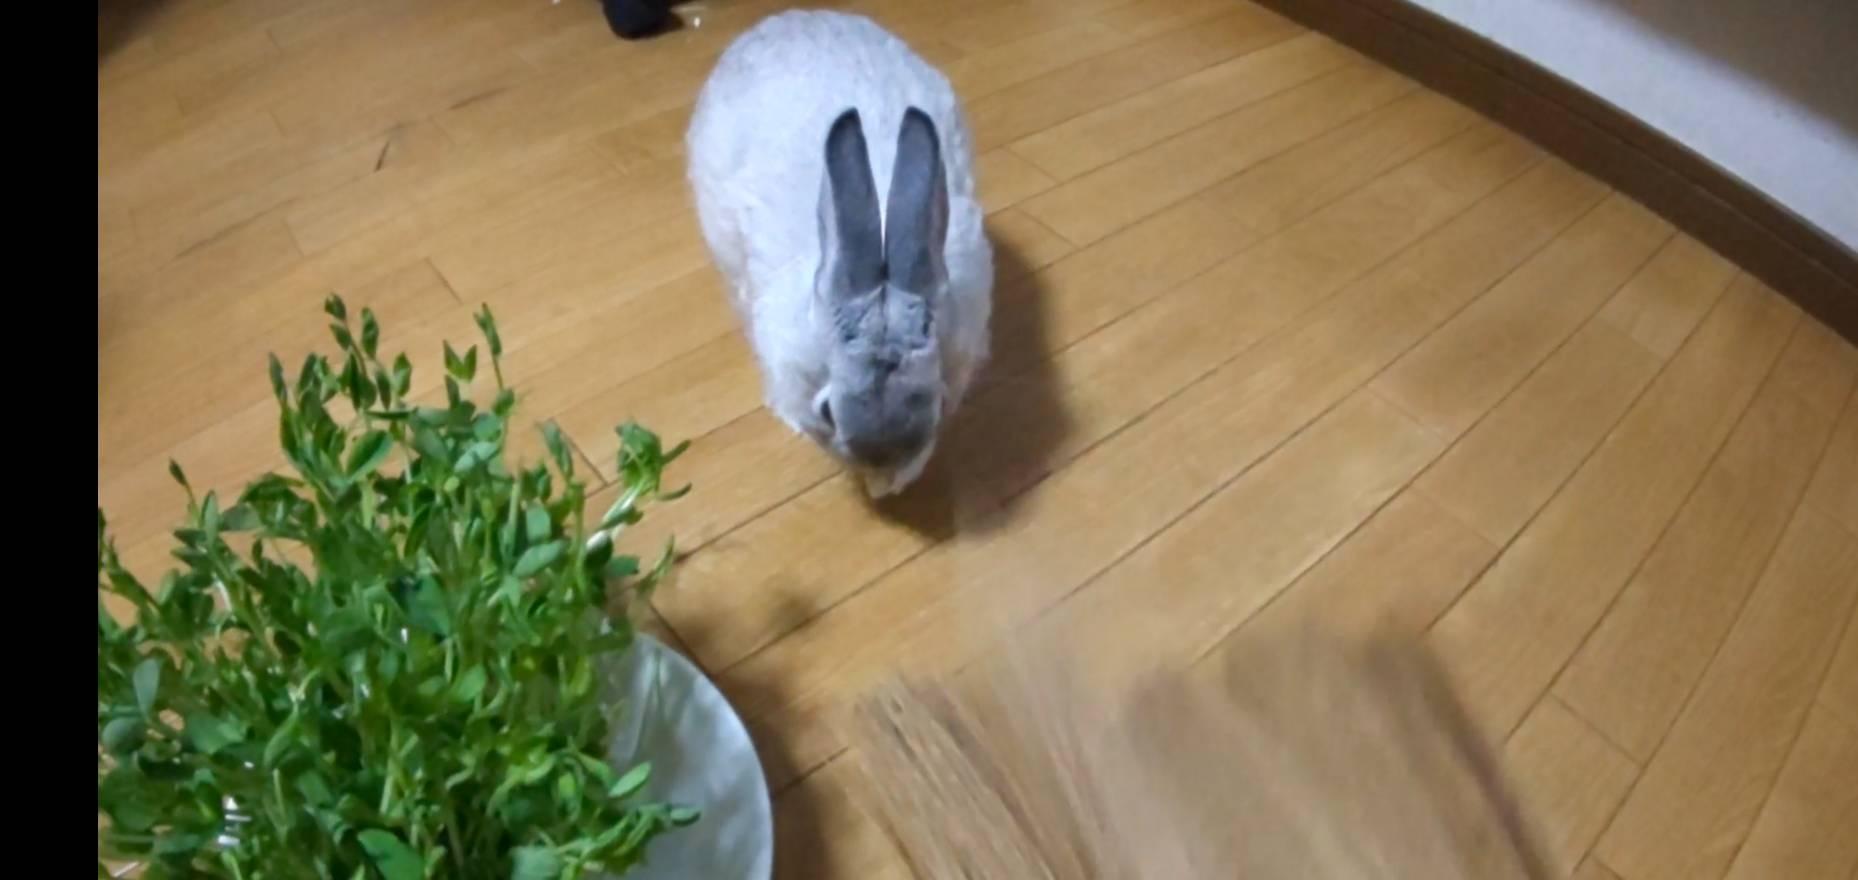 【ミニウサギ】 ウサギを扇いだら 鼻がムズムズするらしい。